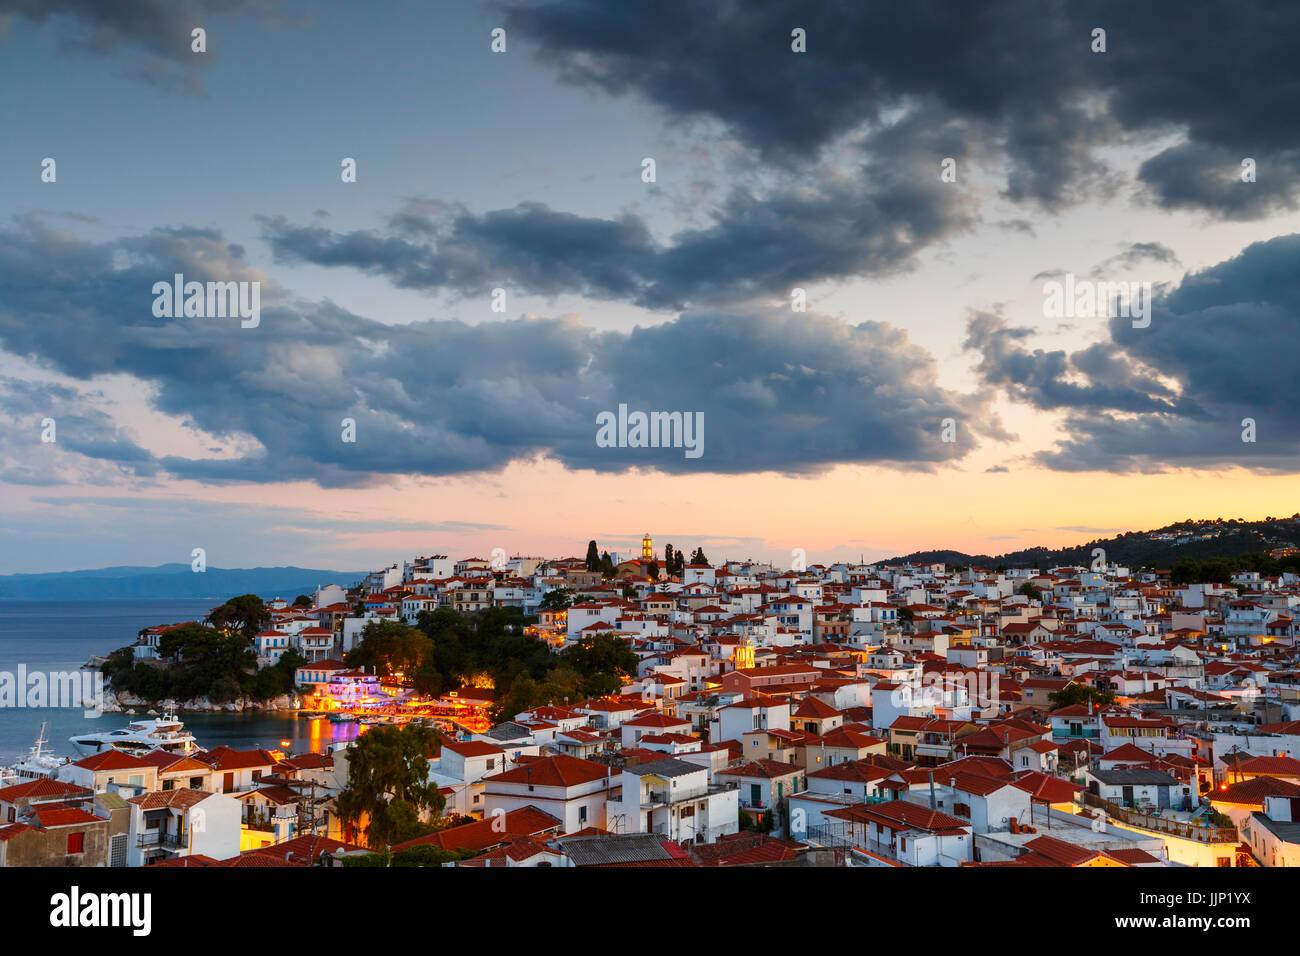 Vista de noche de la ciudad de Skiathos y a su puerto, Grecia. Imagen De Stock